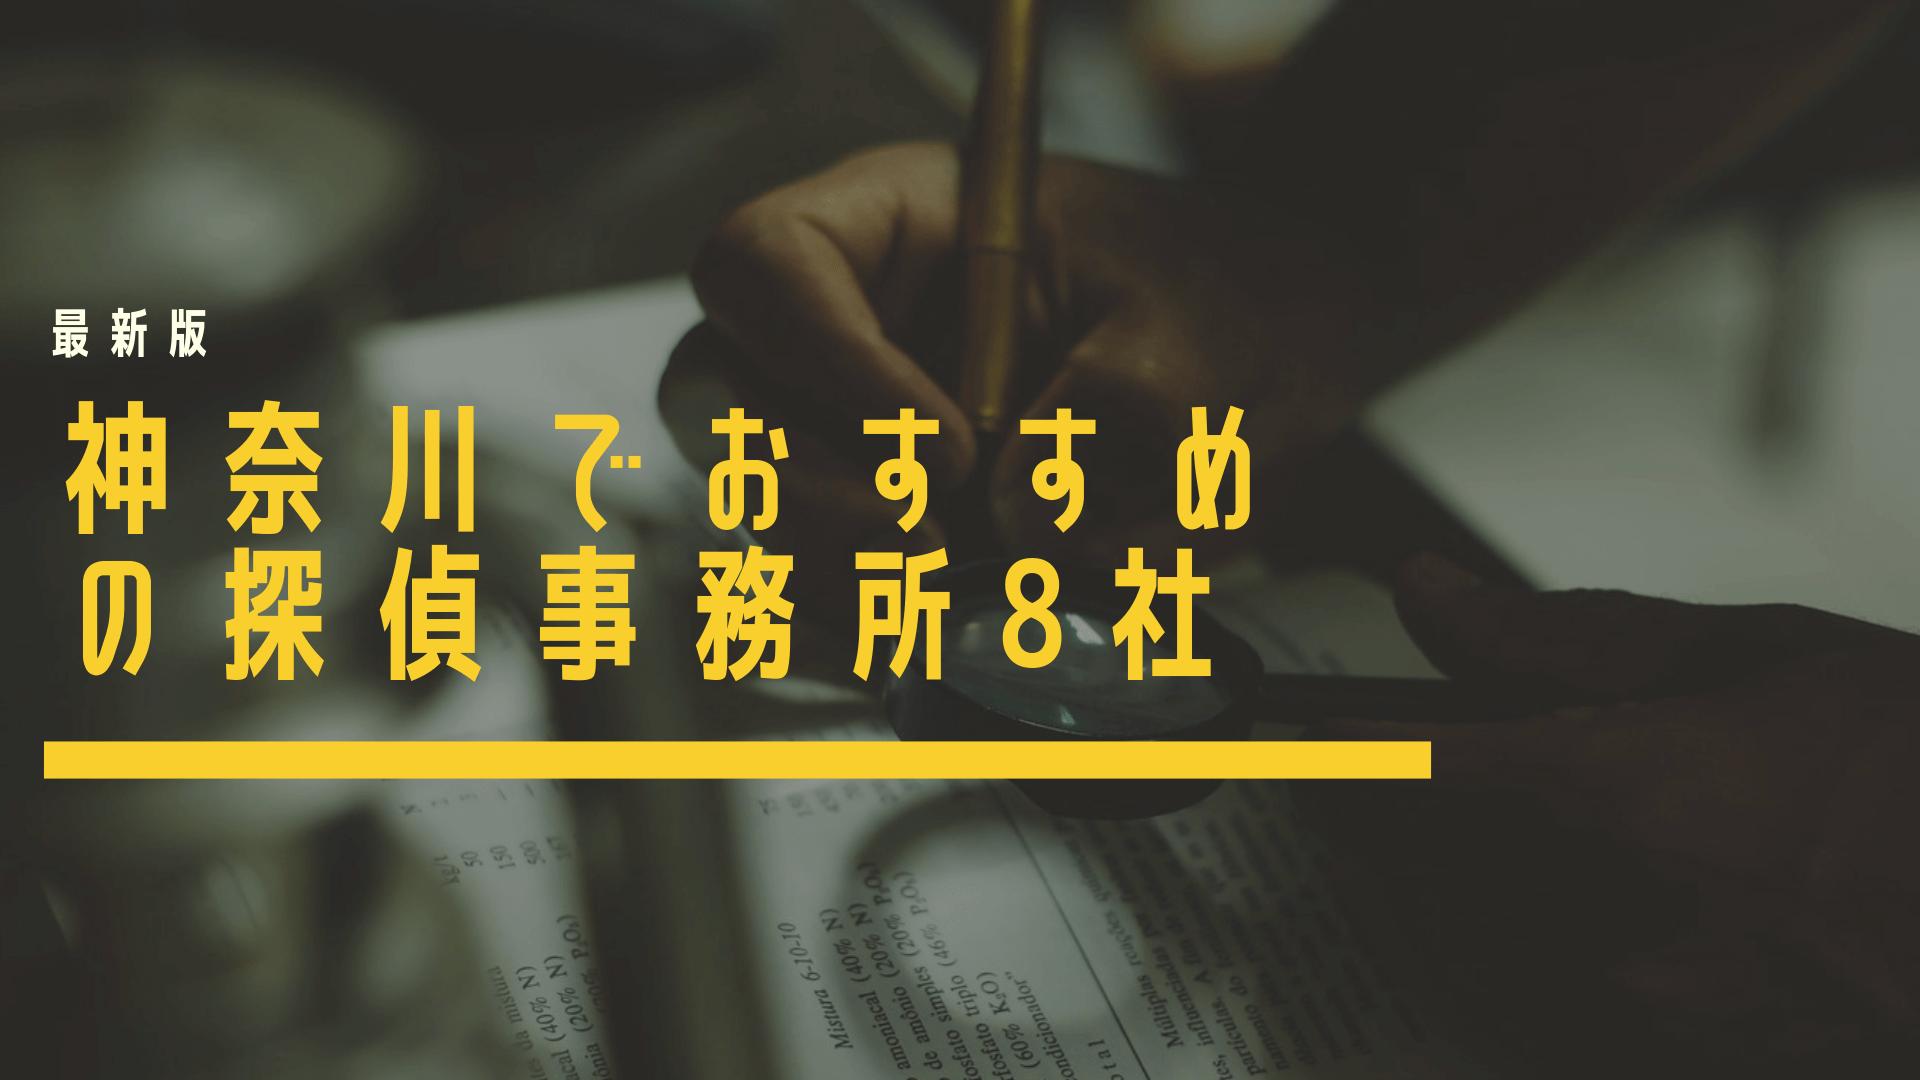 神奈川でおすすめの探偵事務所・興信所8社を徹底比較